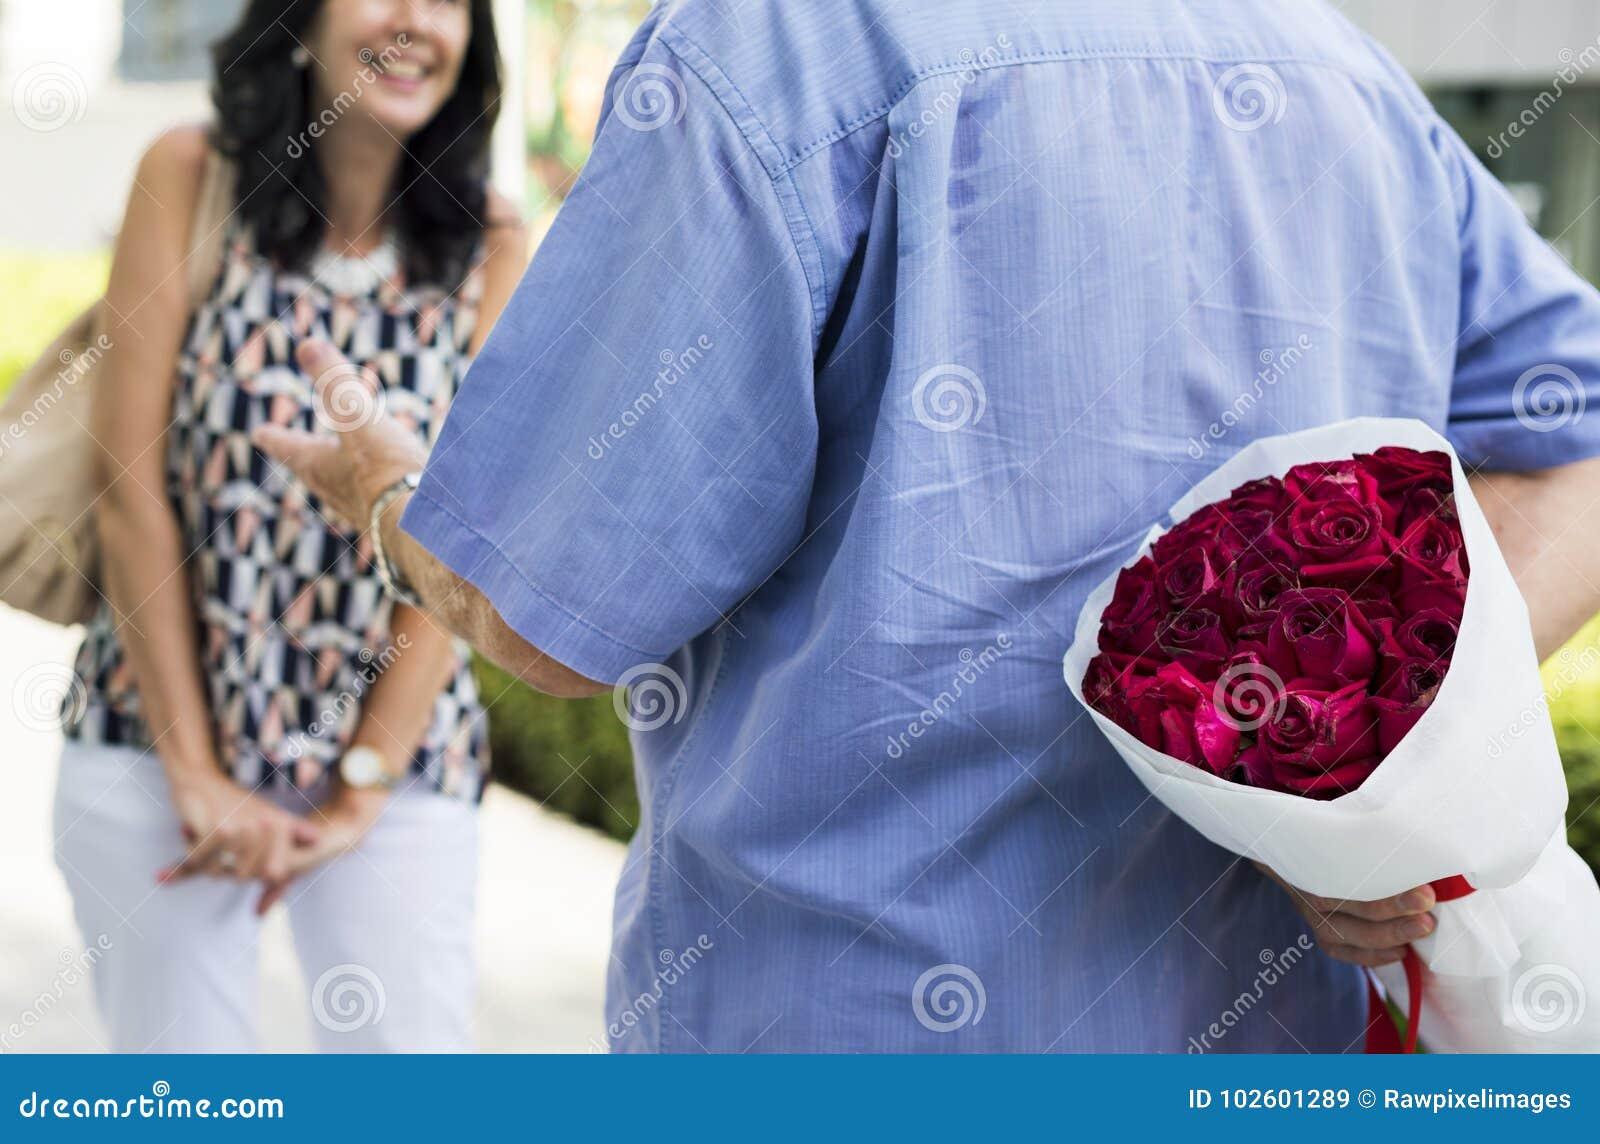 Surpresa romântica do aniversário de casamento do amor